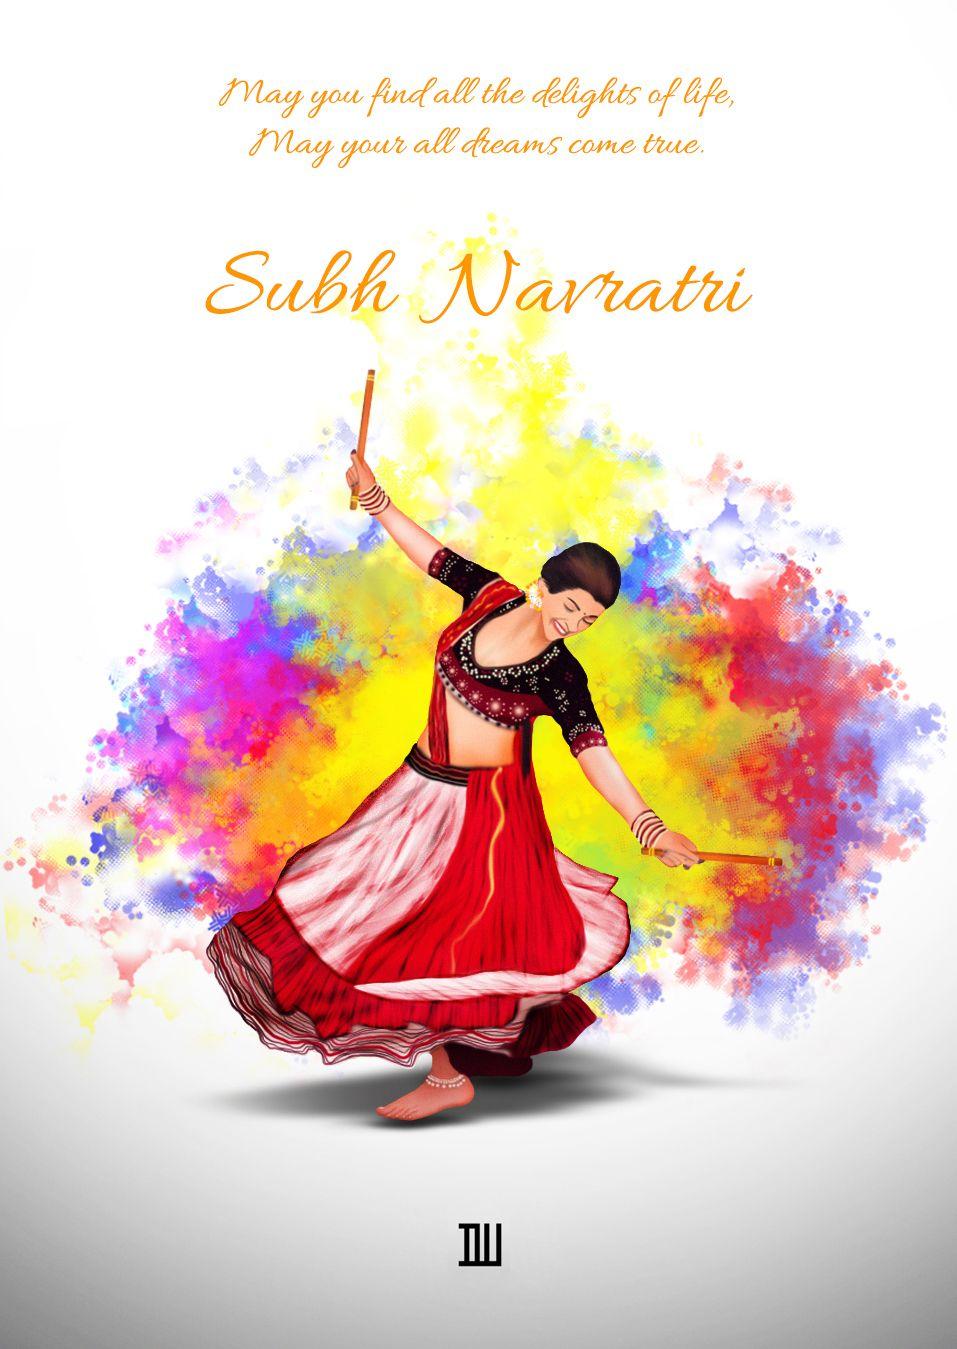 Navratri Greetings Posters Pinterest Navratri Greetings Durga